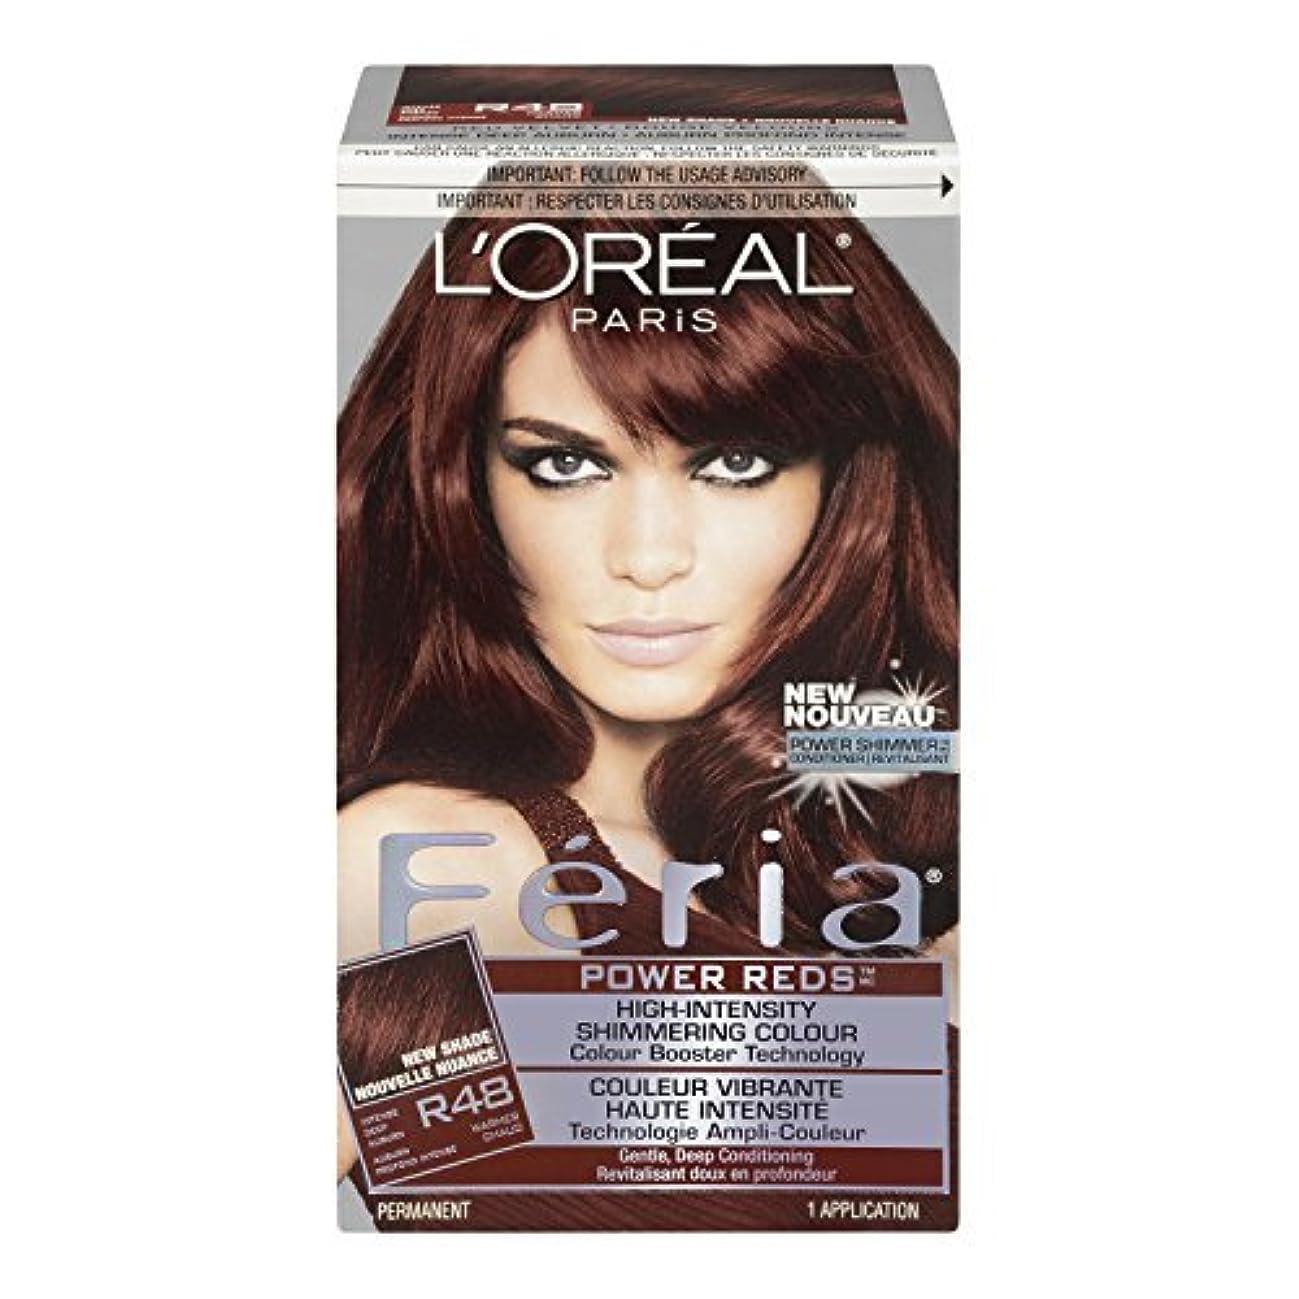 後ろ、背後、背面(部ブロー不和L'Oreal Feria Power Reds Hair Color, R48 Intense Deep Auburn/Red Velvet by L'Oreal Paris Hair Color [並行輸入品]